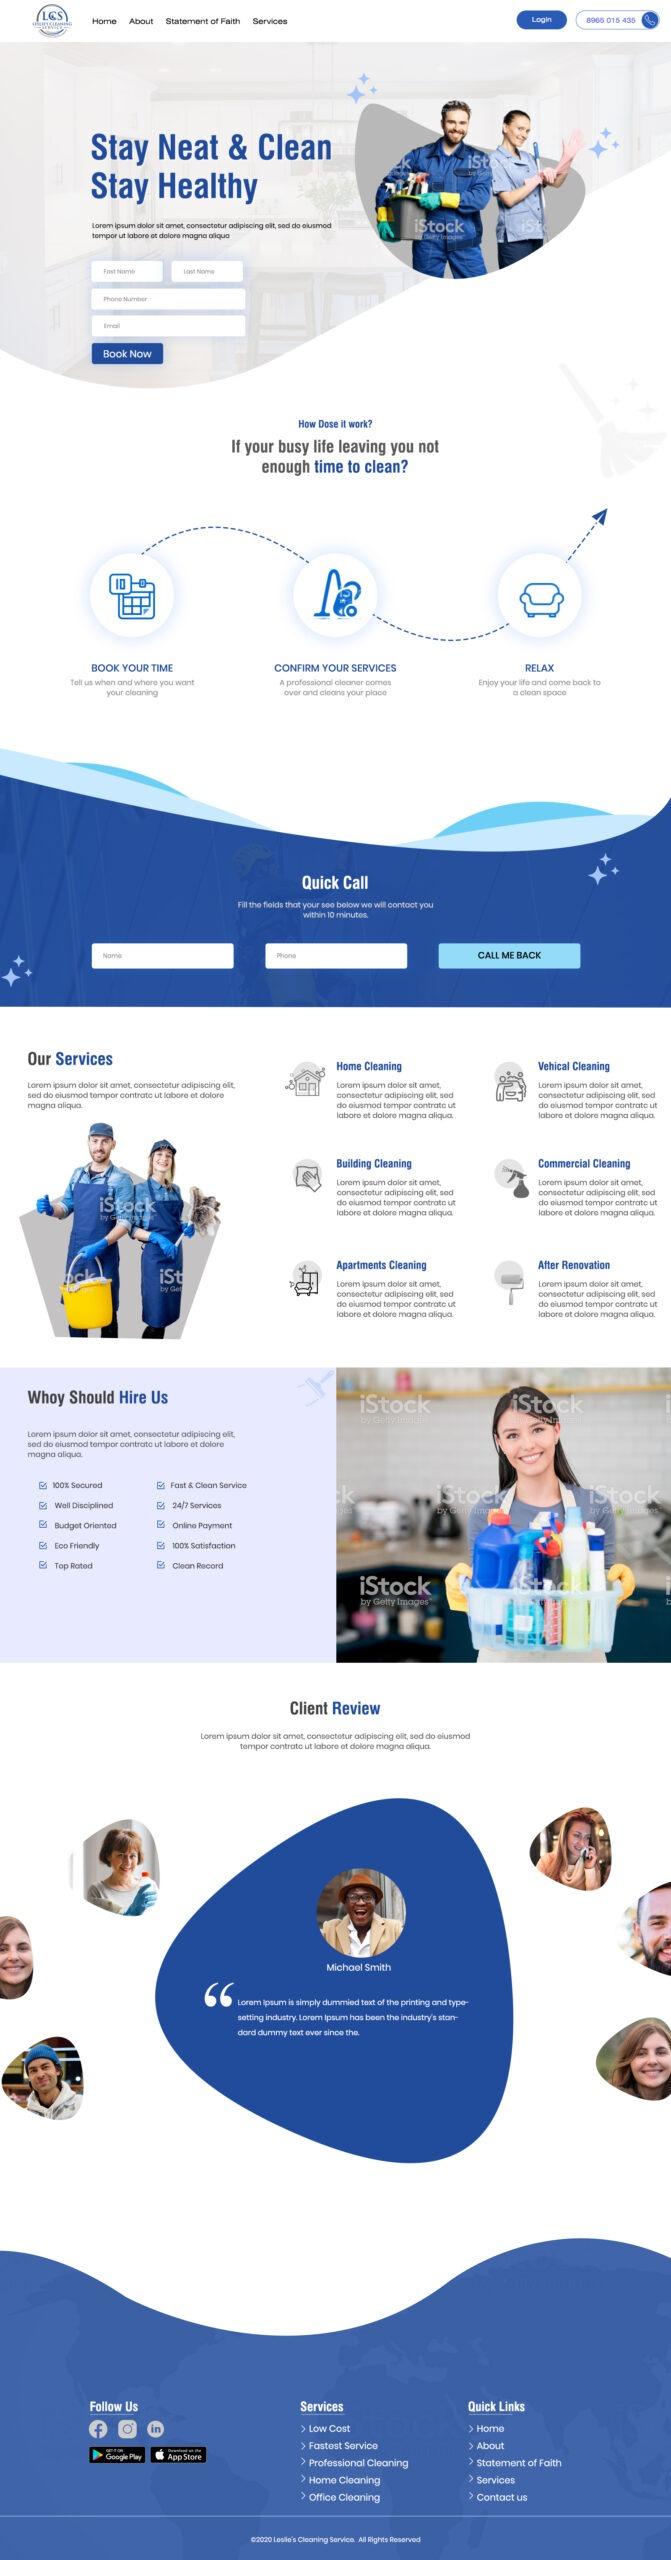 LCS website